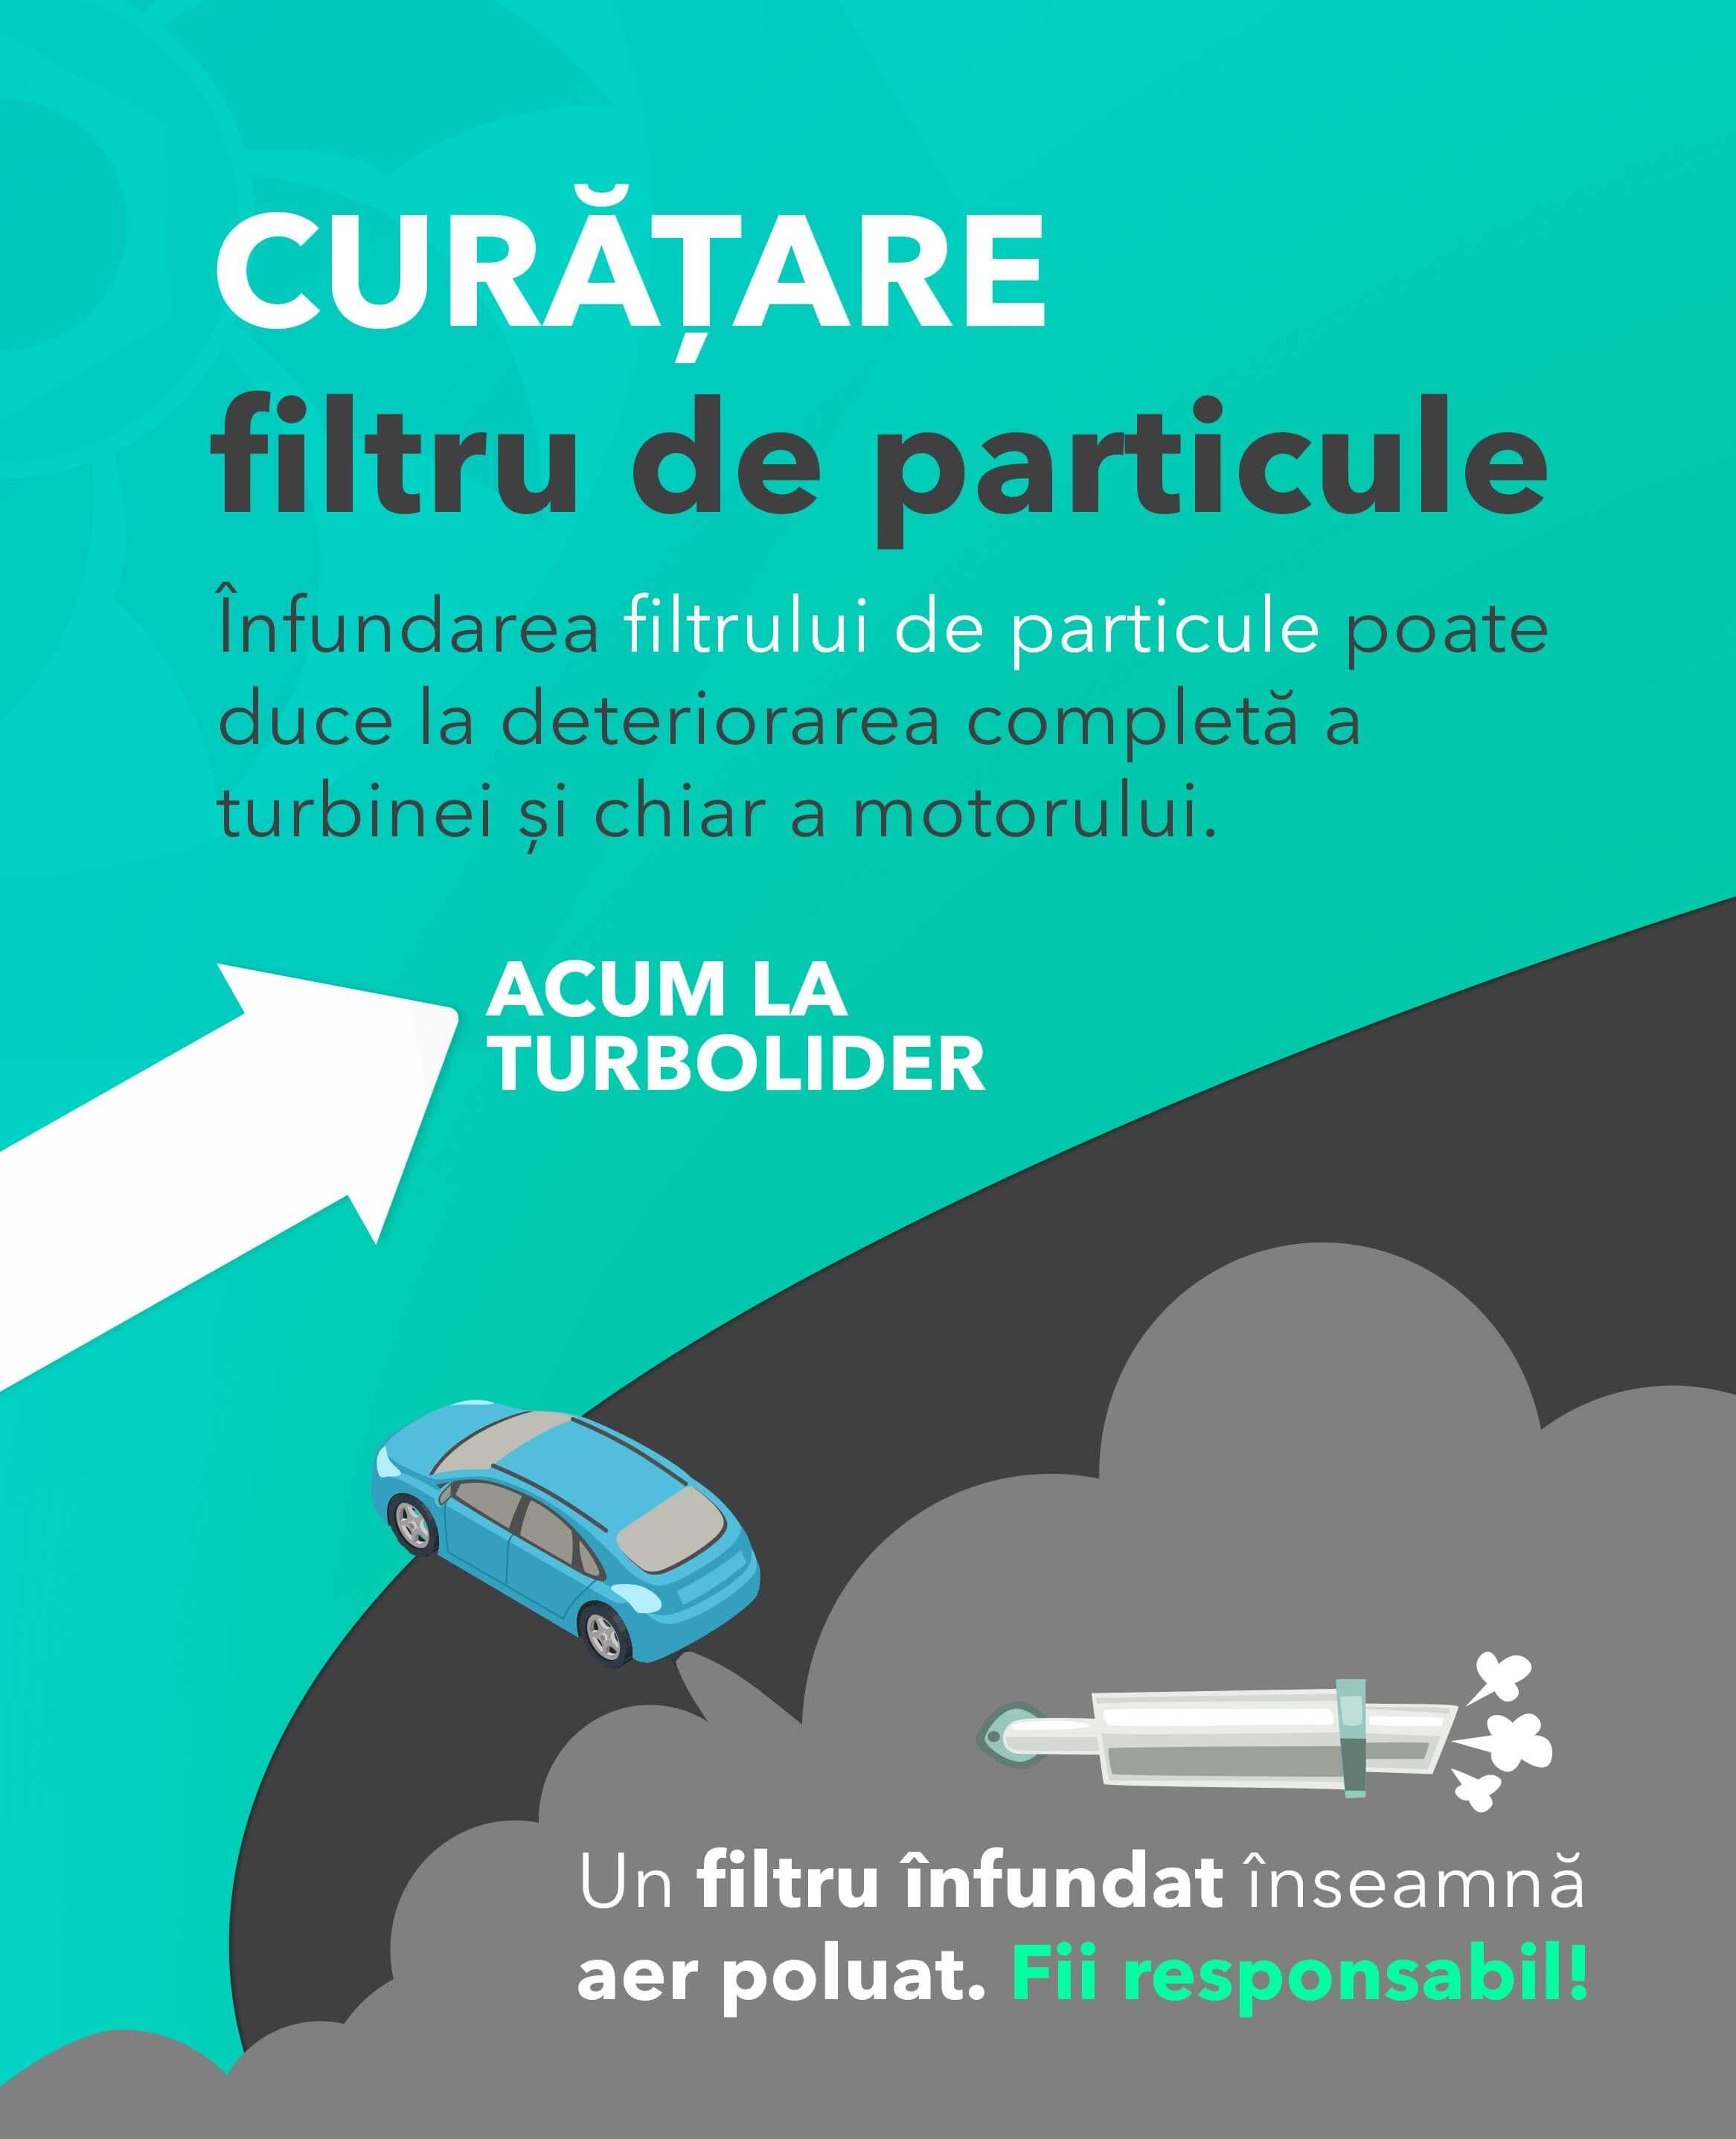 Curatare filtru de particole